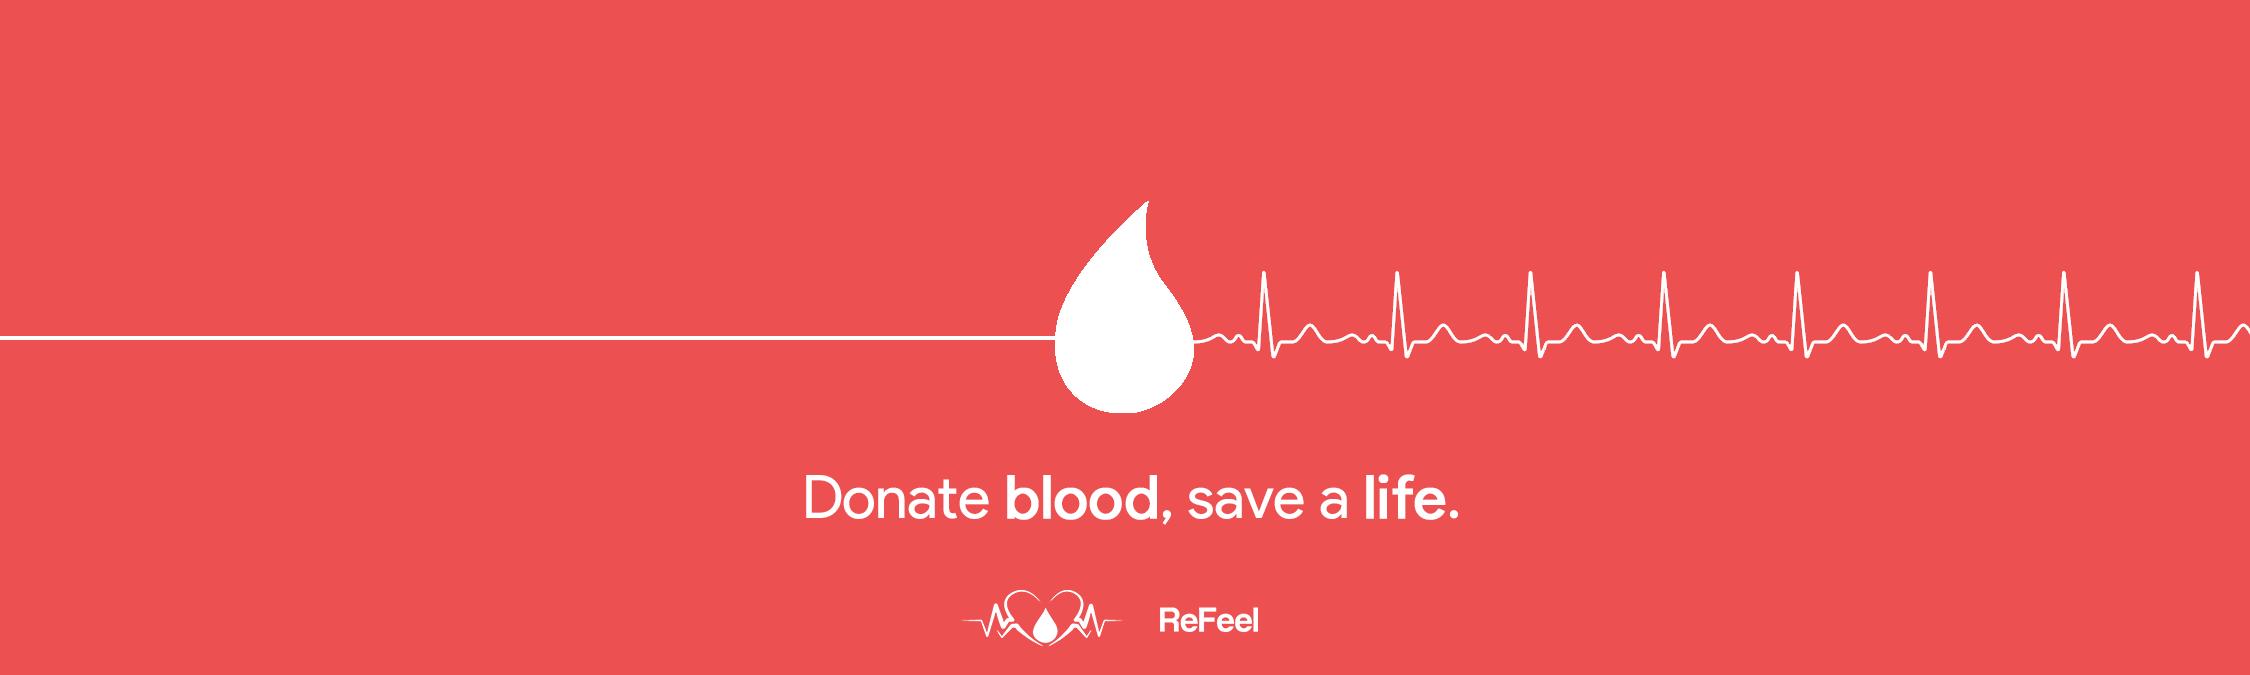 blood-bank · GitHub Topics · GitHub